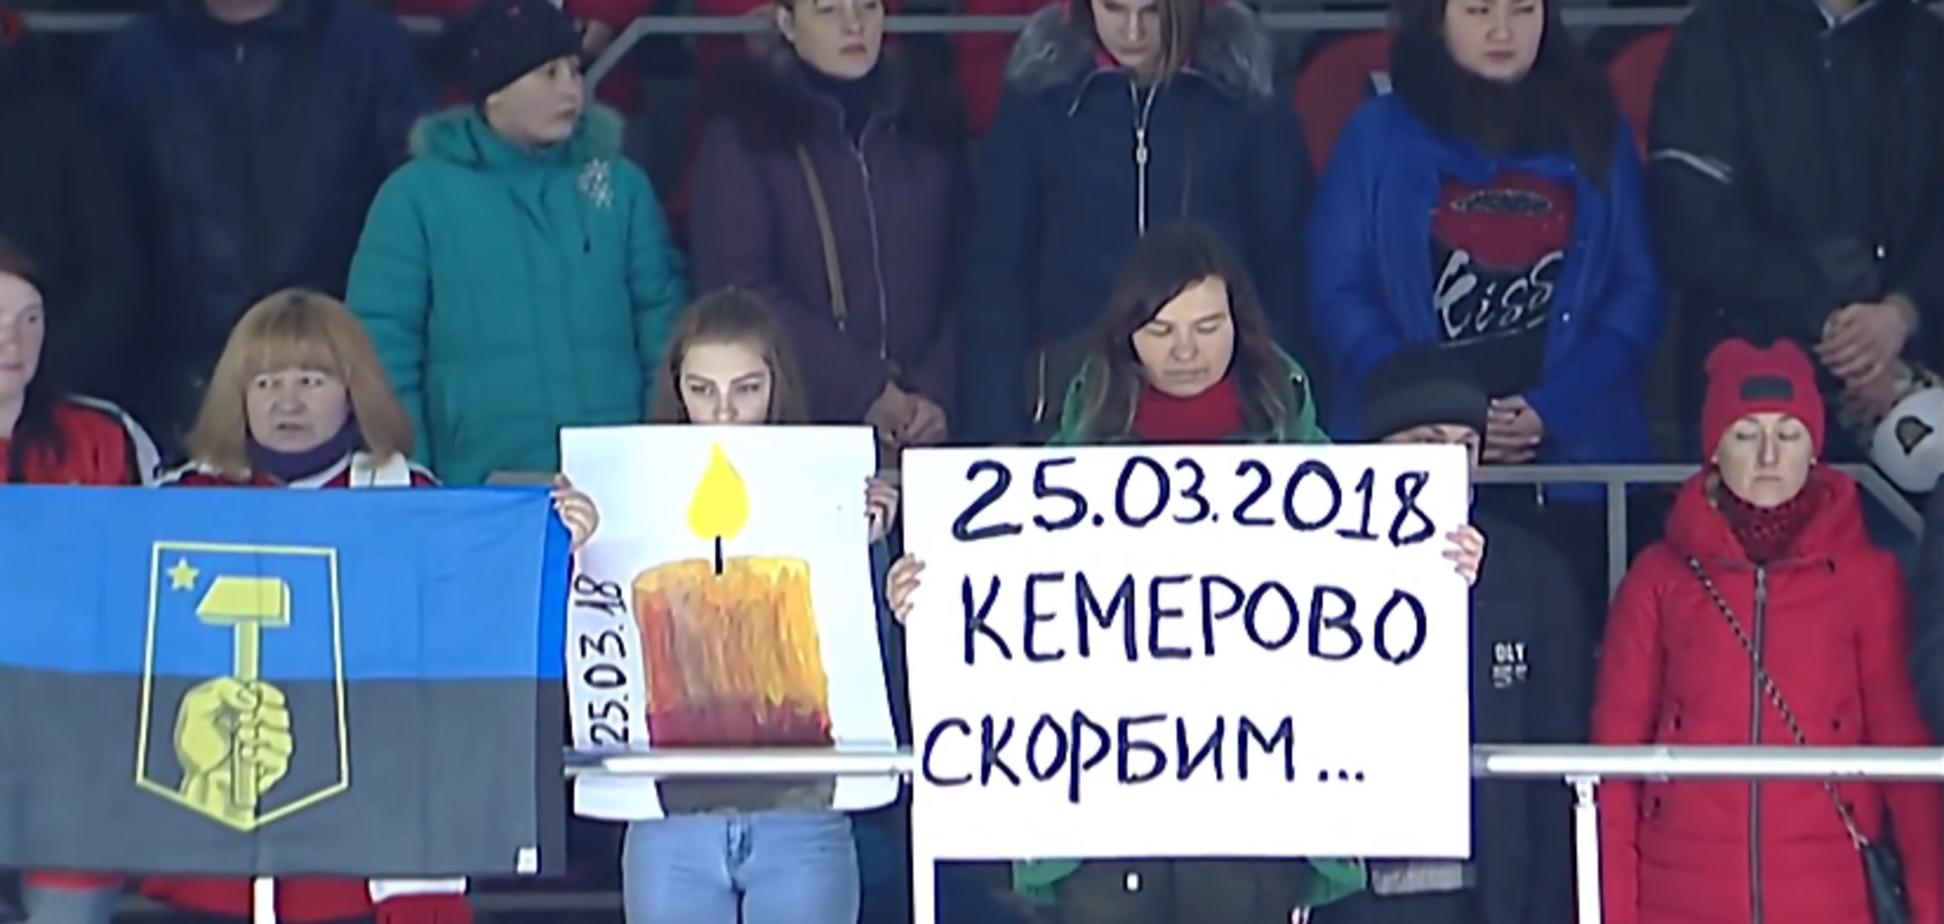 Перед фіналом чемпіонату України вшанували пам'ять загиблих в Кемерово - емоційне відео